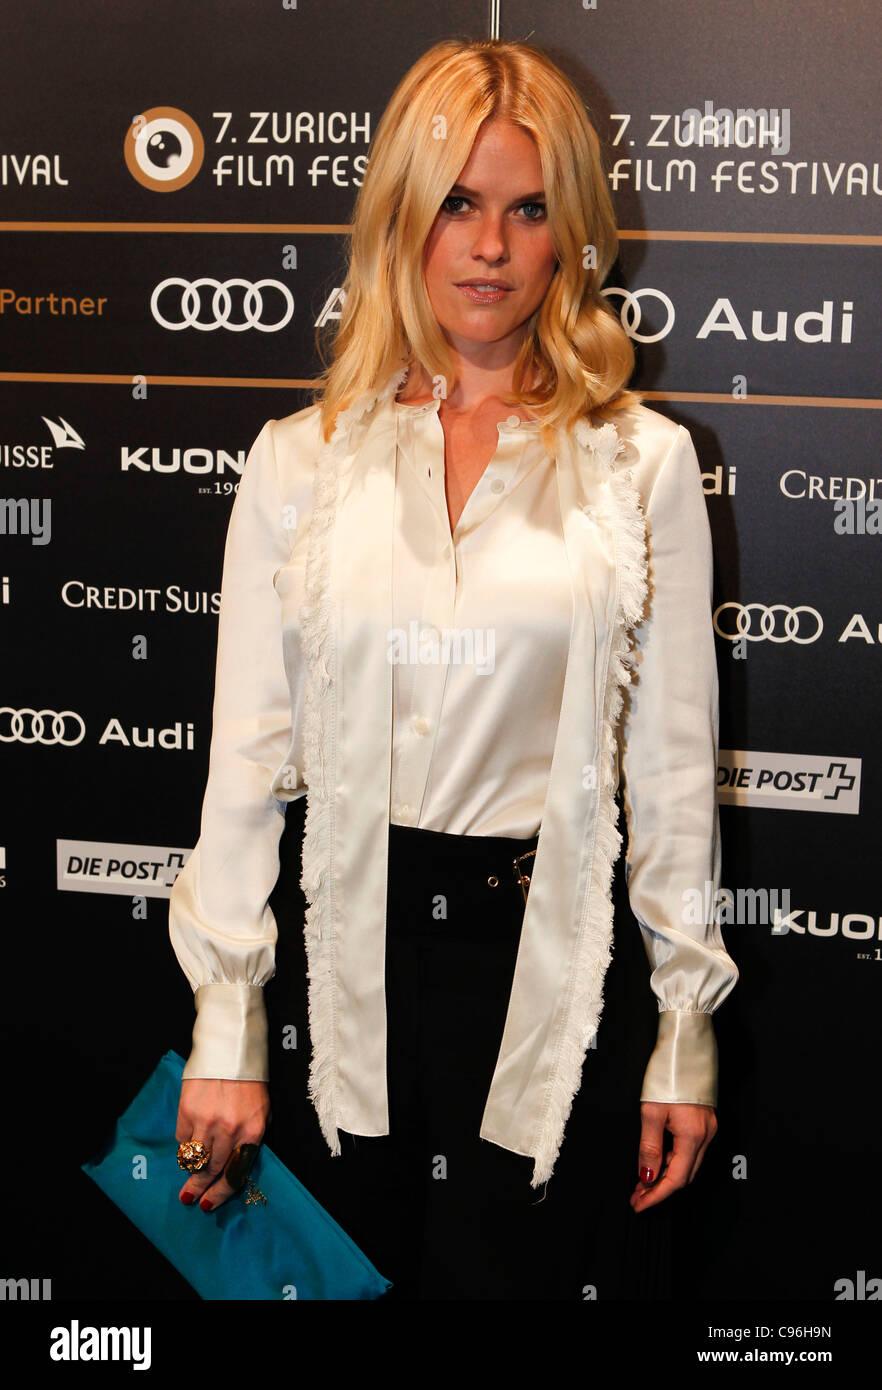 Zurich Film Festival mit Alice Eve und anderen am Mittwoch, 29.09.2011 / 2011  Stock Photo